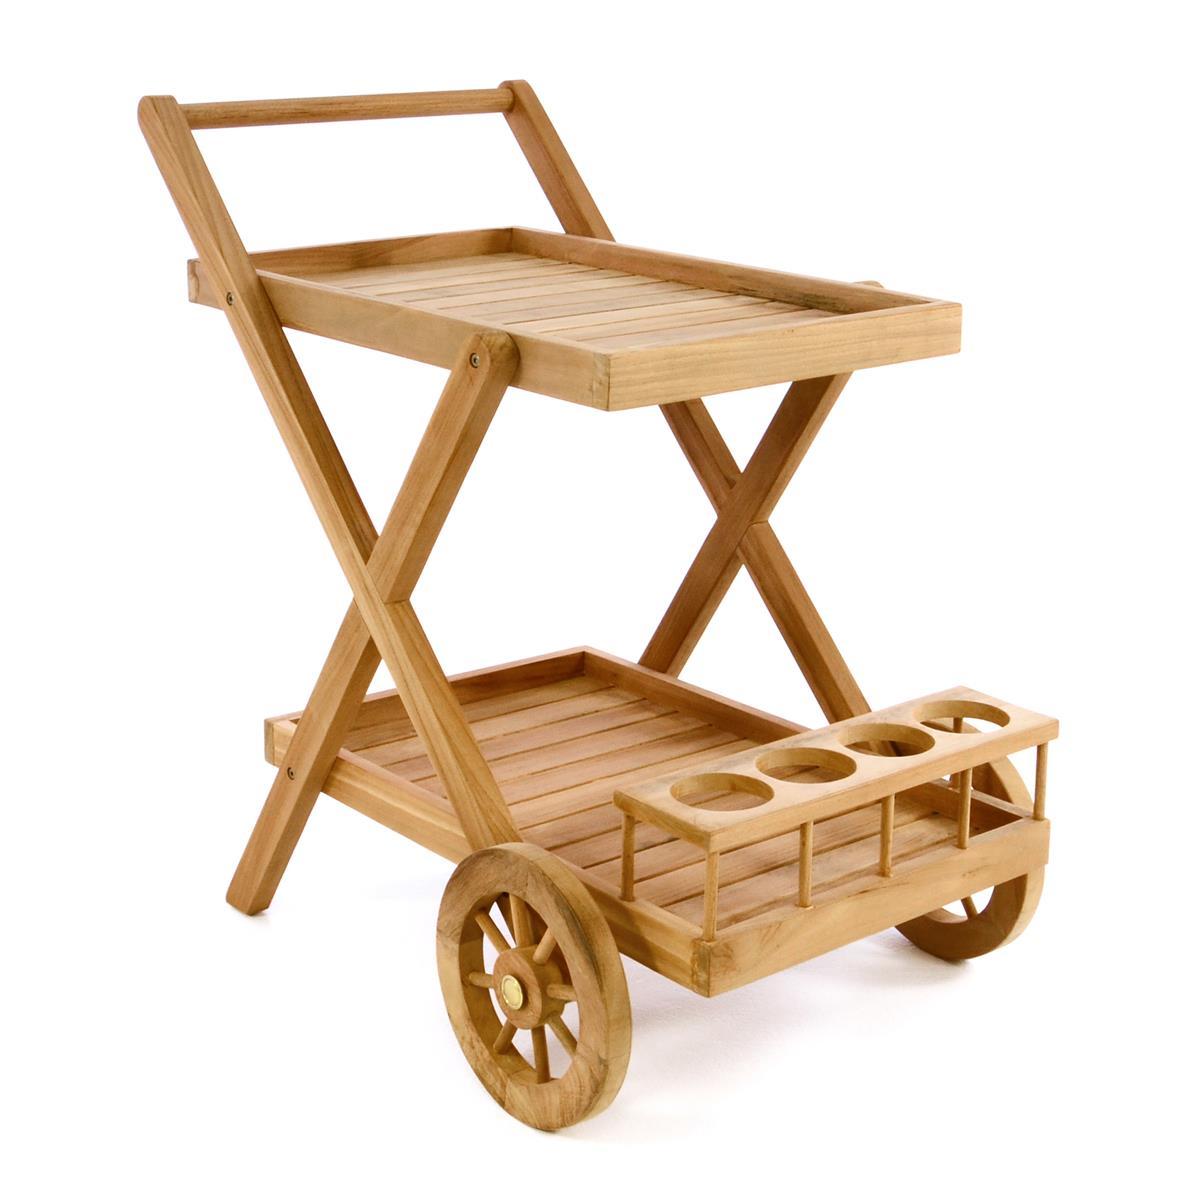 DIVERO Servierwagen Teewagen Rollwagen Küchenwagen Teakholz behandelt